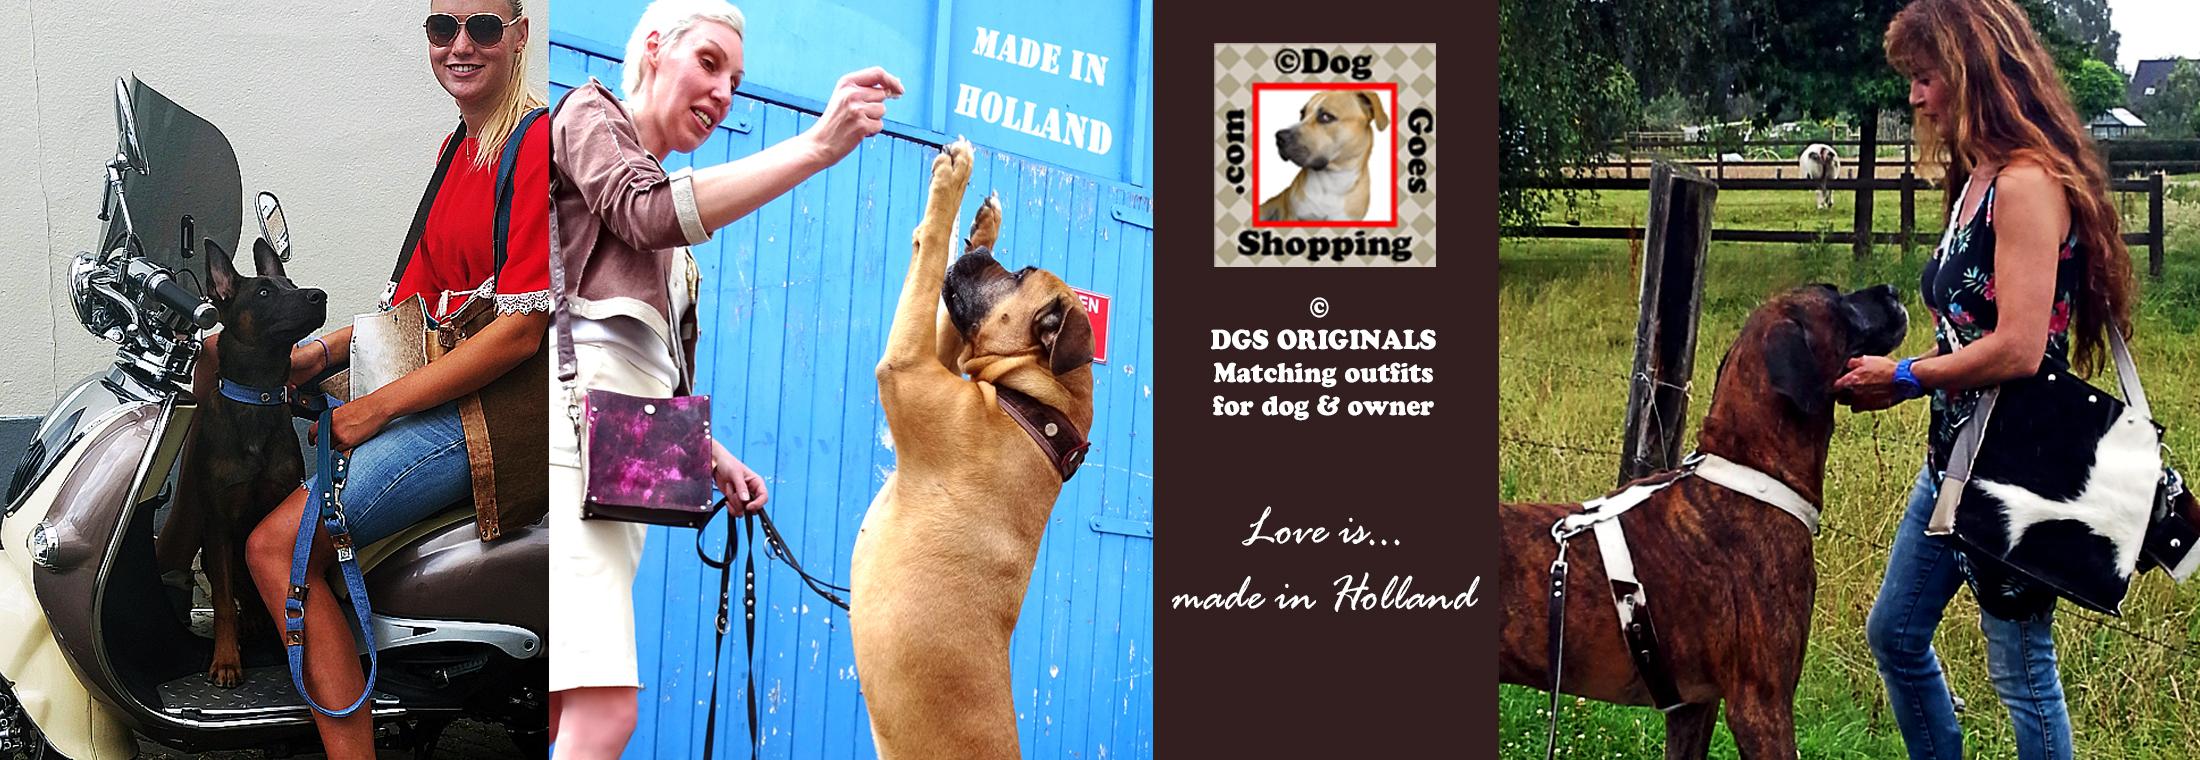 Hondgaatwinkelen2016home